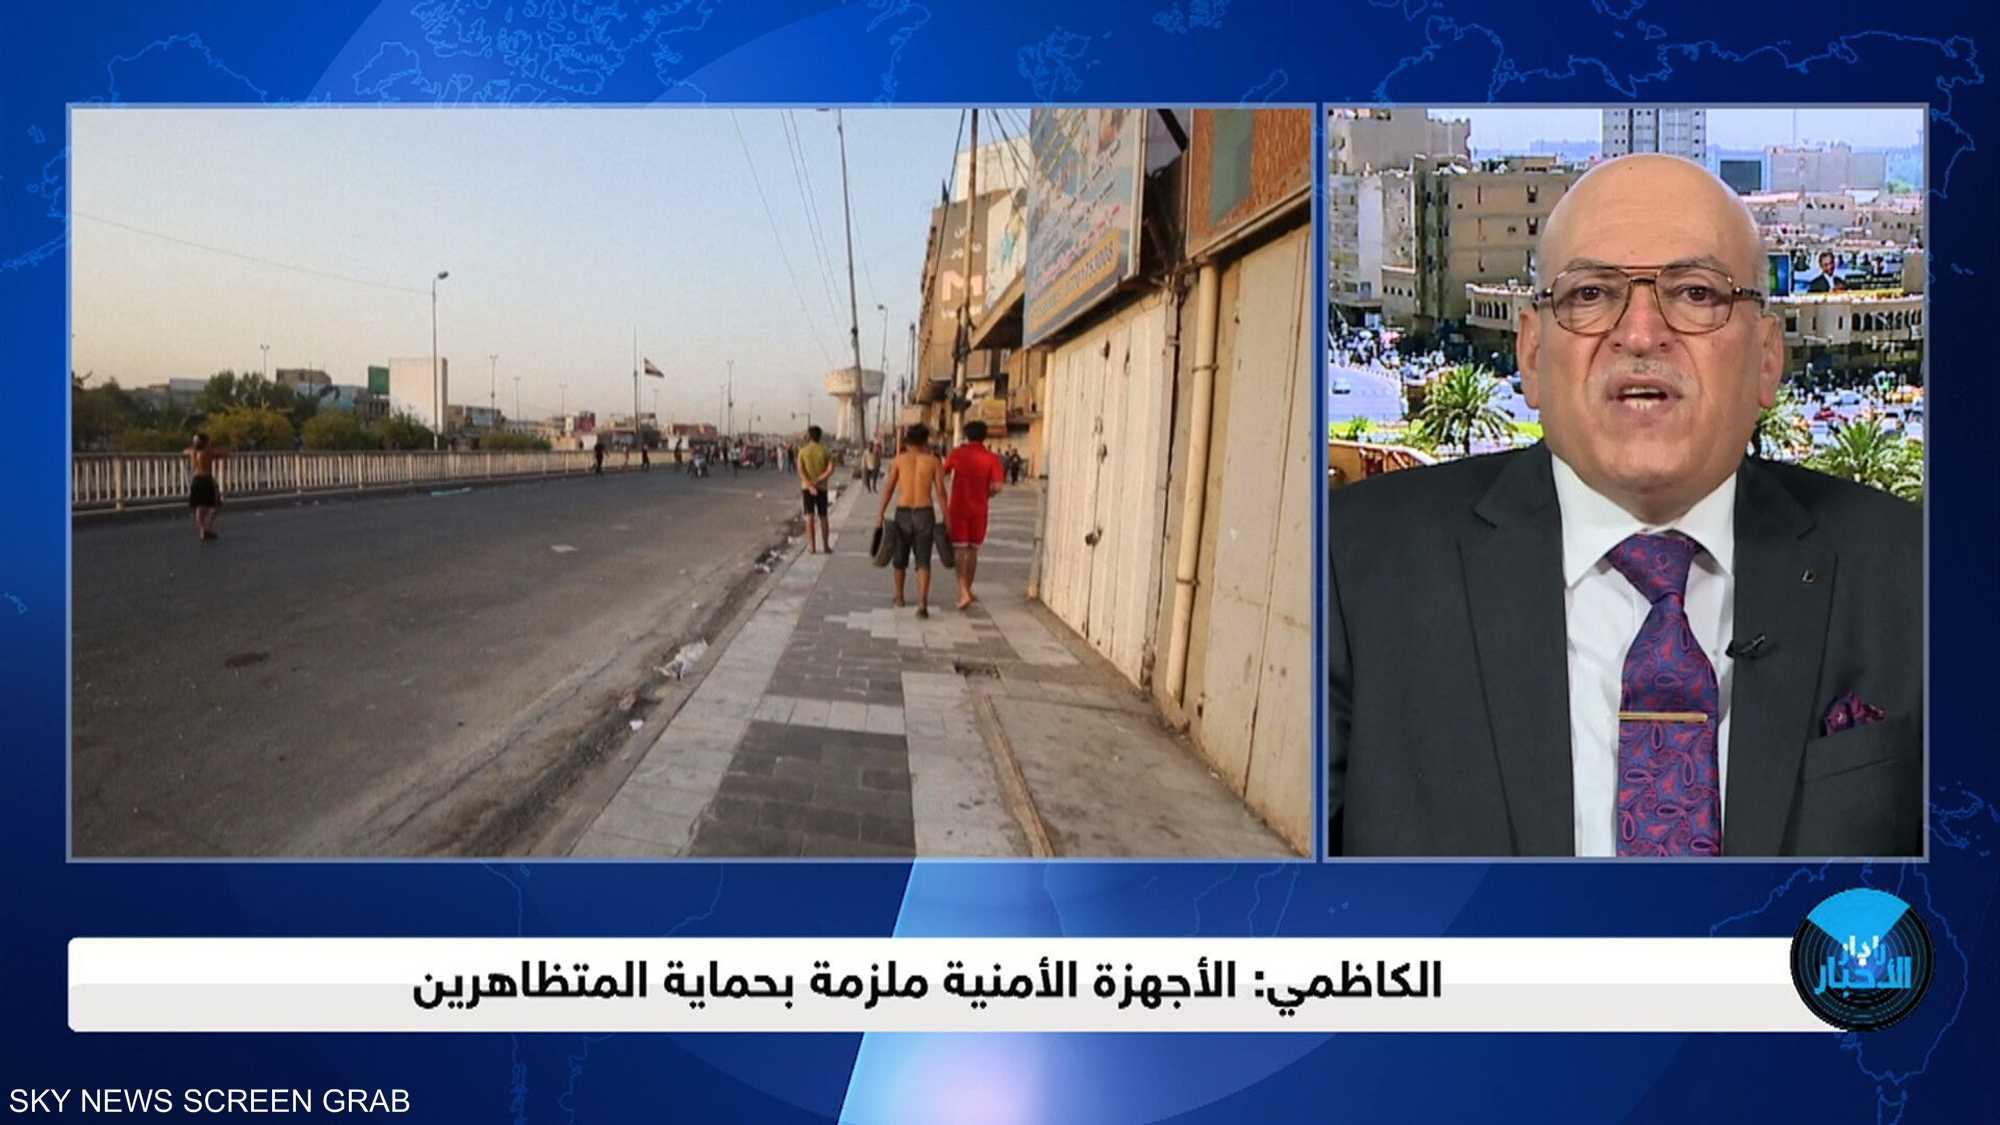 غضب واحتجاجات في العراق بسبب انقطاعات التيار الكهربائي